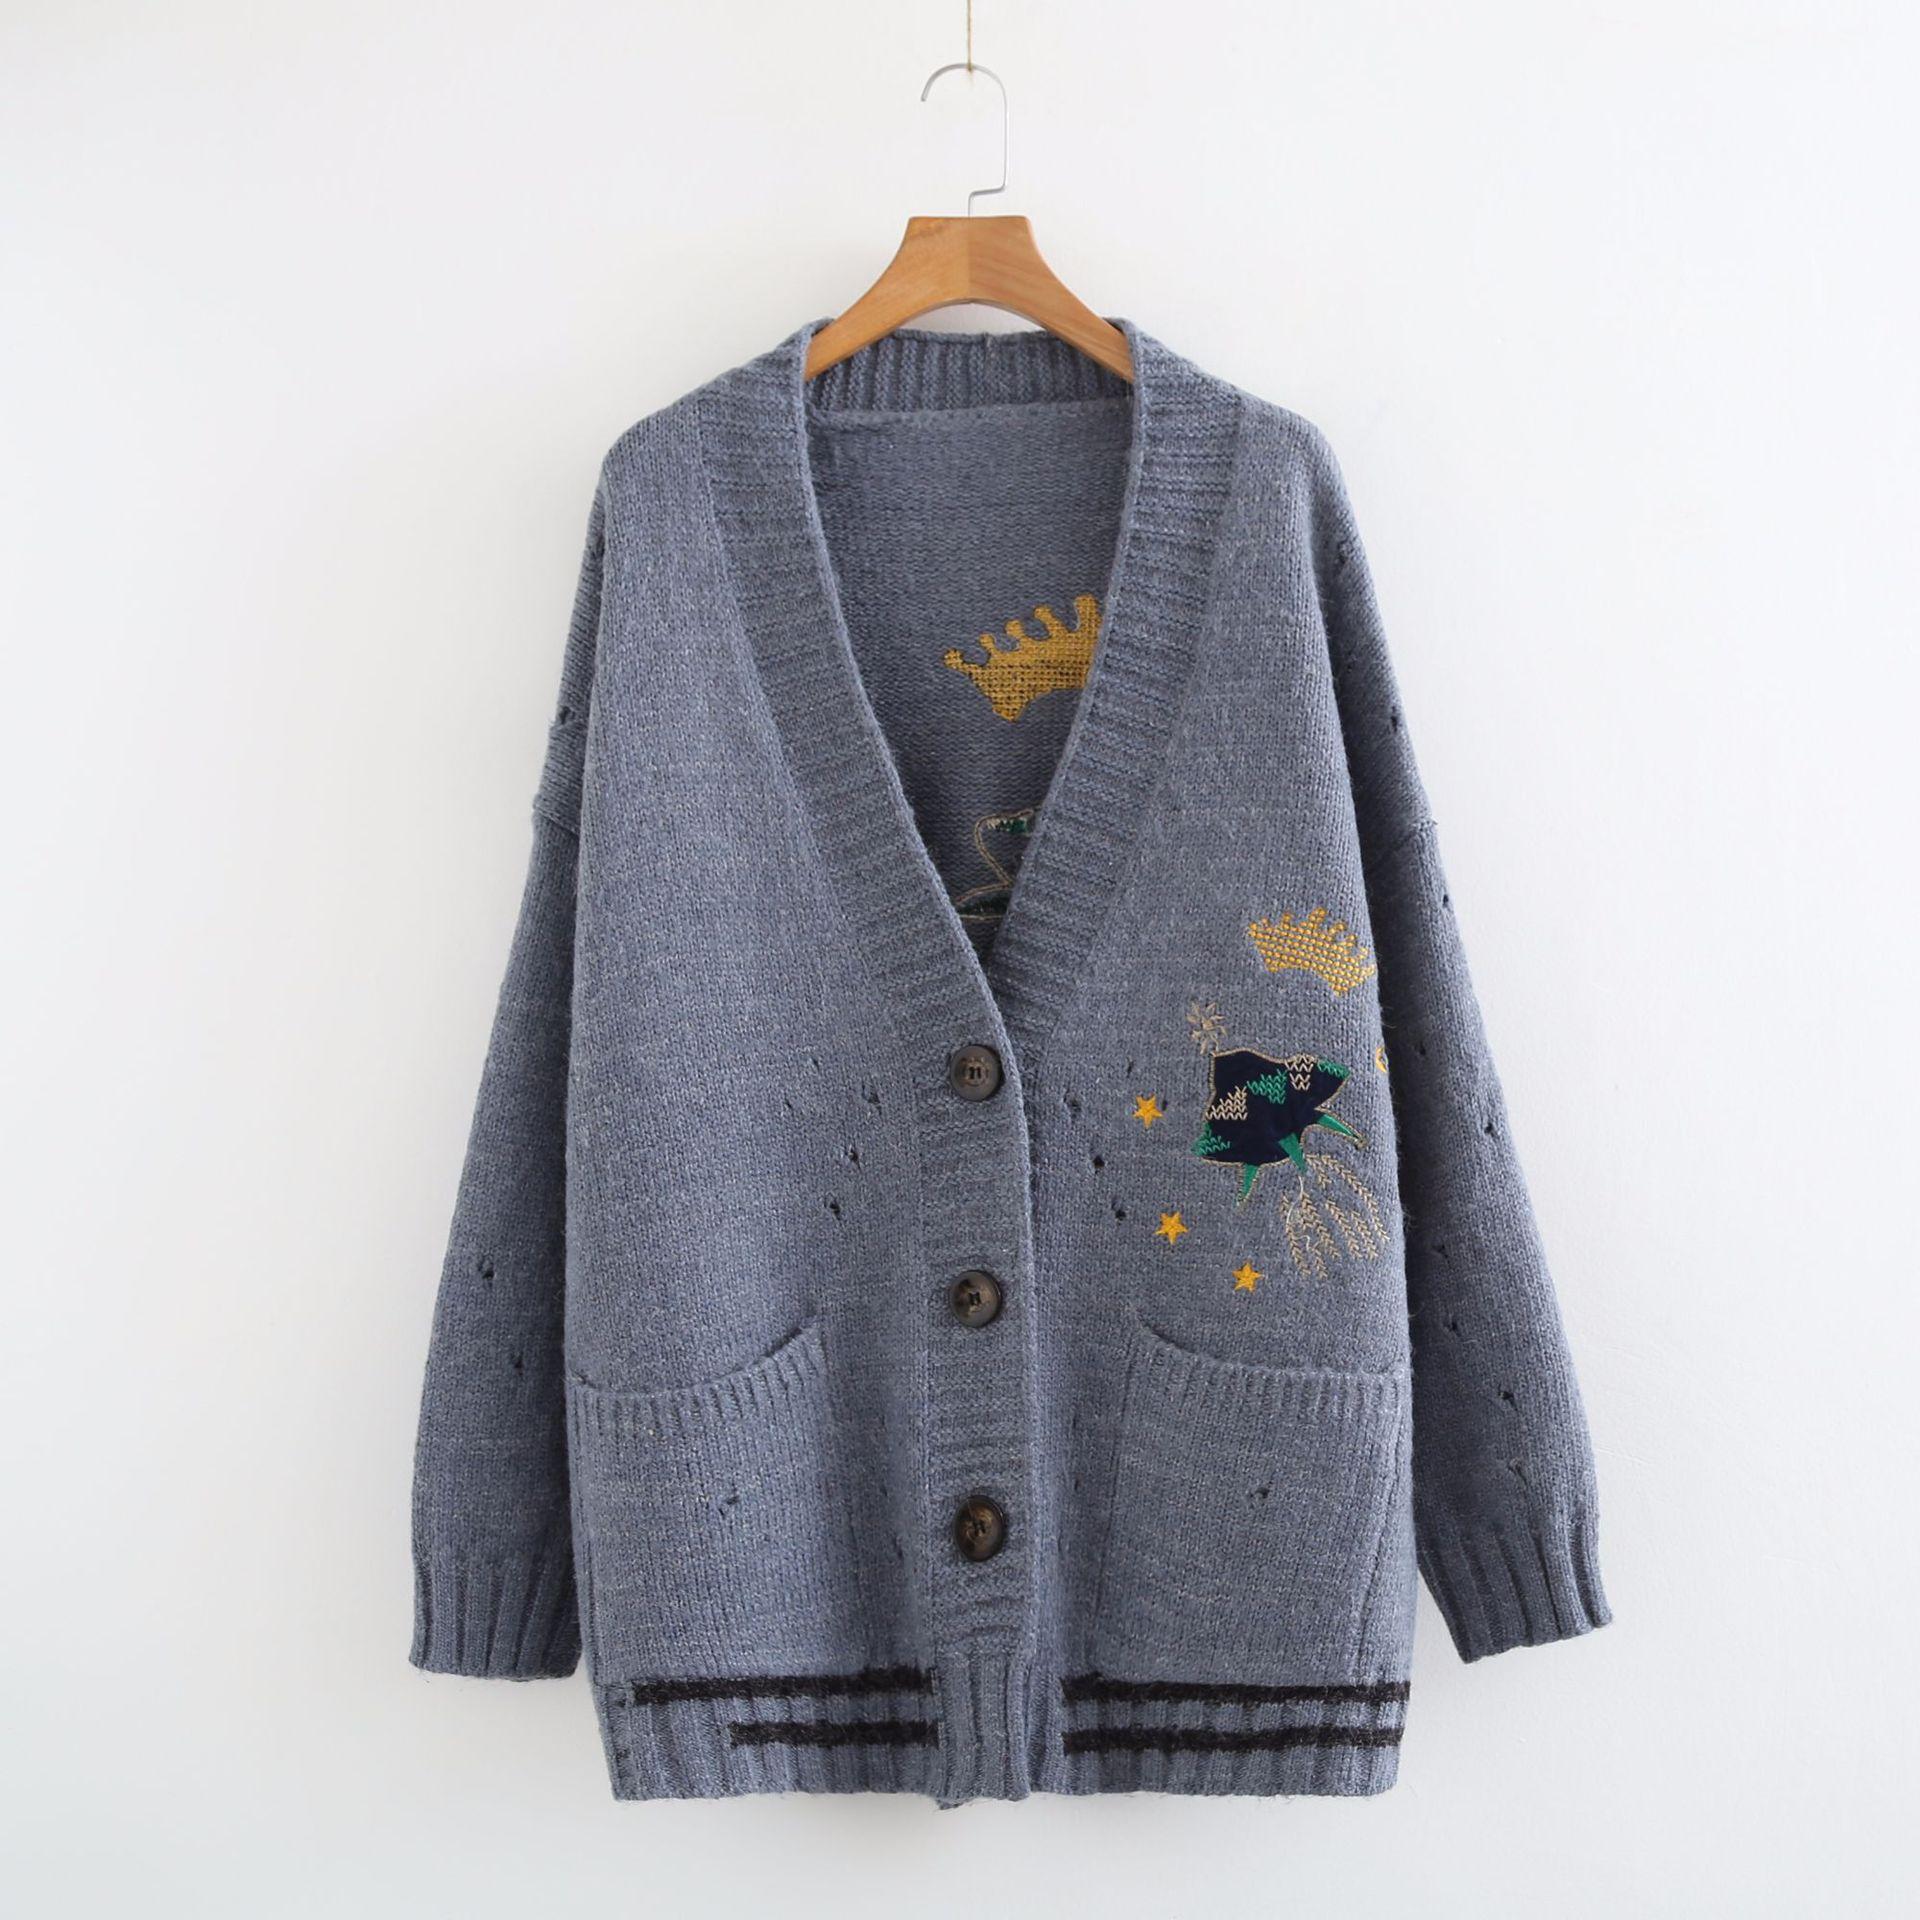 осенний новый женский вязаный свитер кардиган верхняя одежда